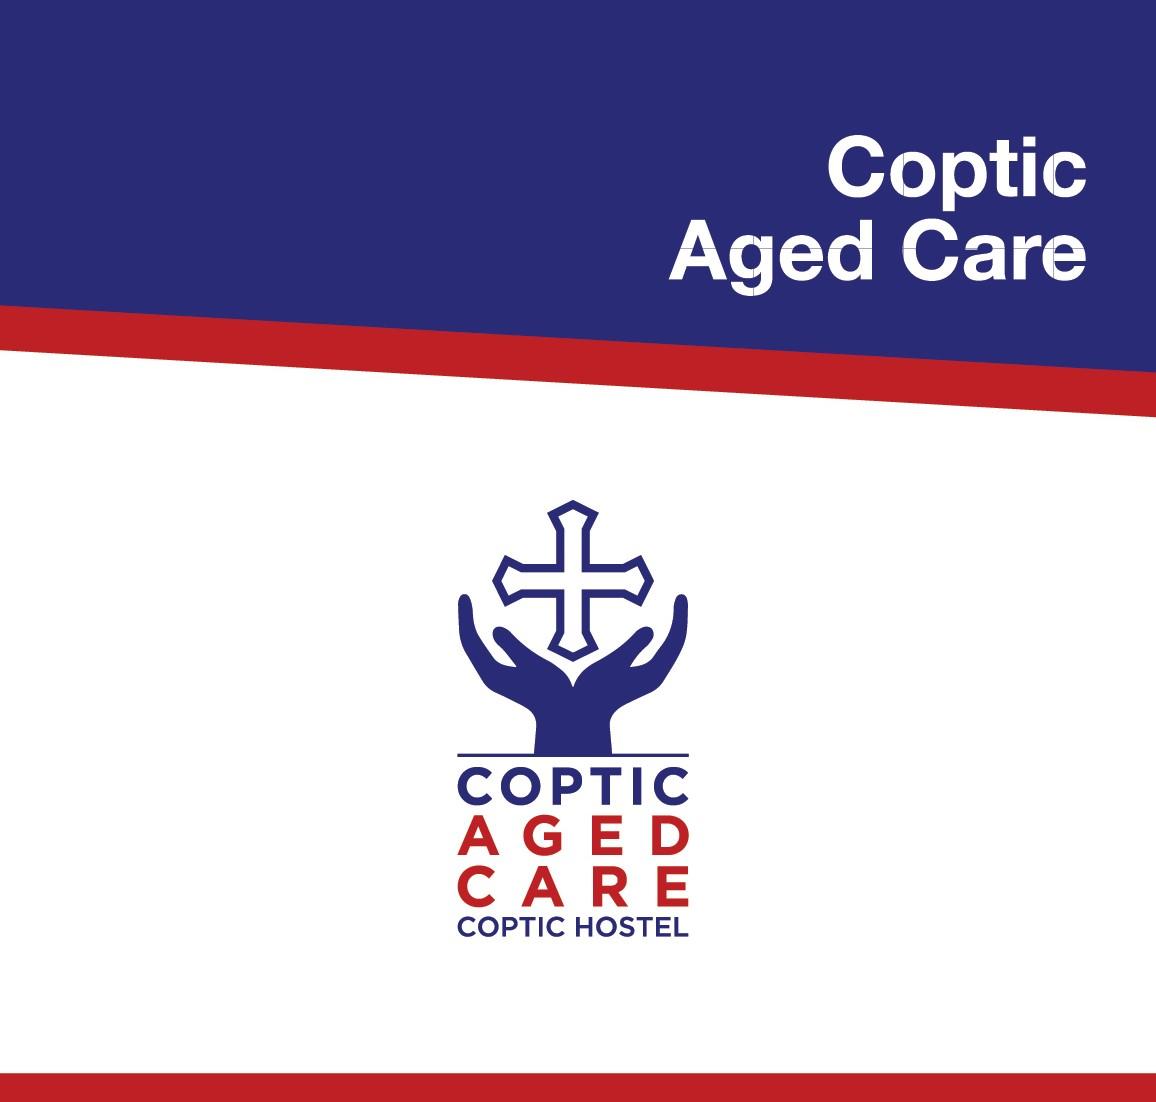 Coptic Aged Care, Hallam VIC 3803 - Coptic Aged Care